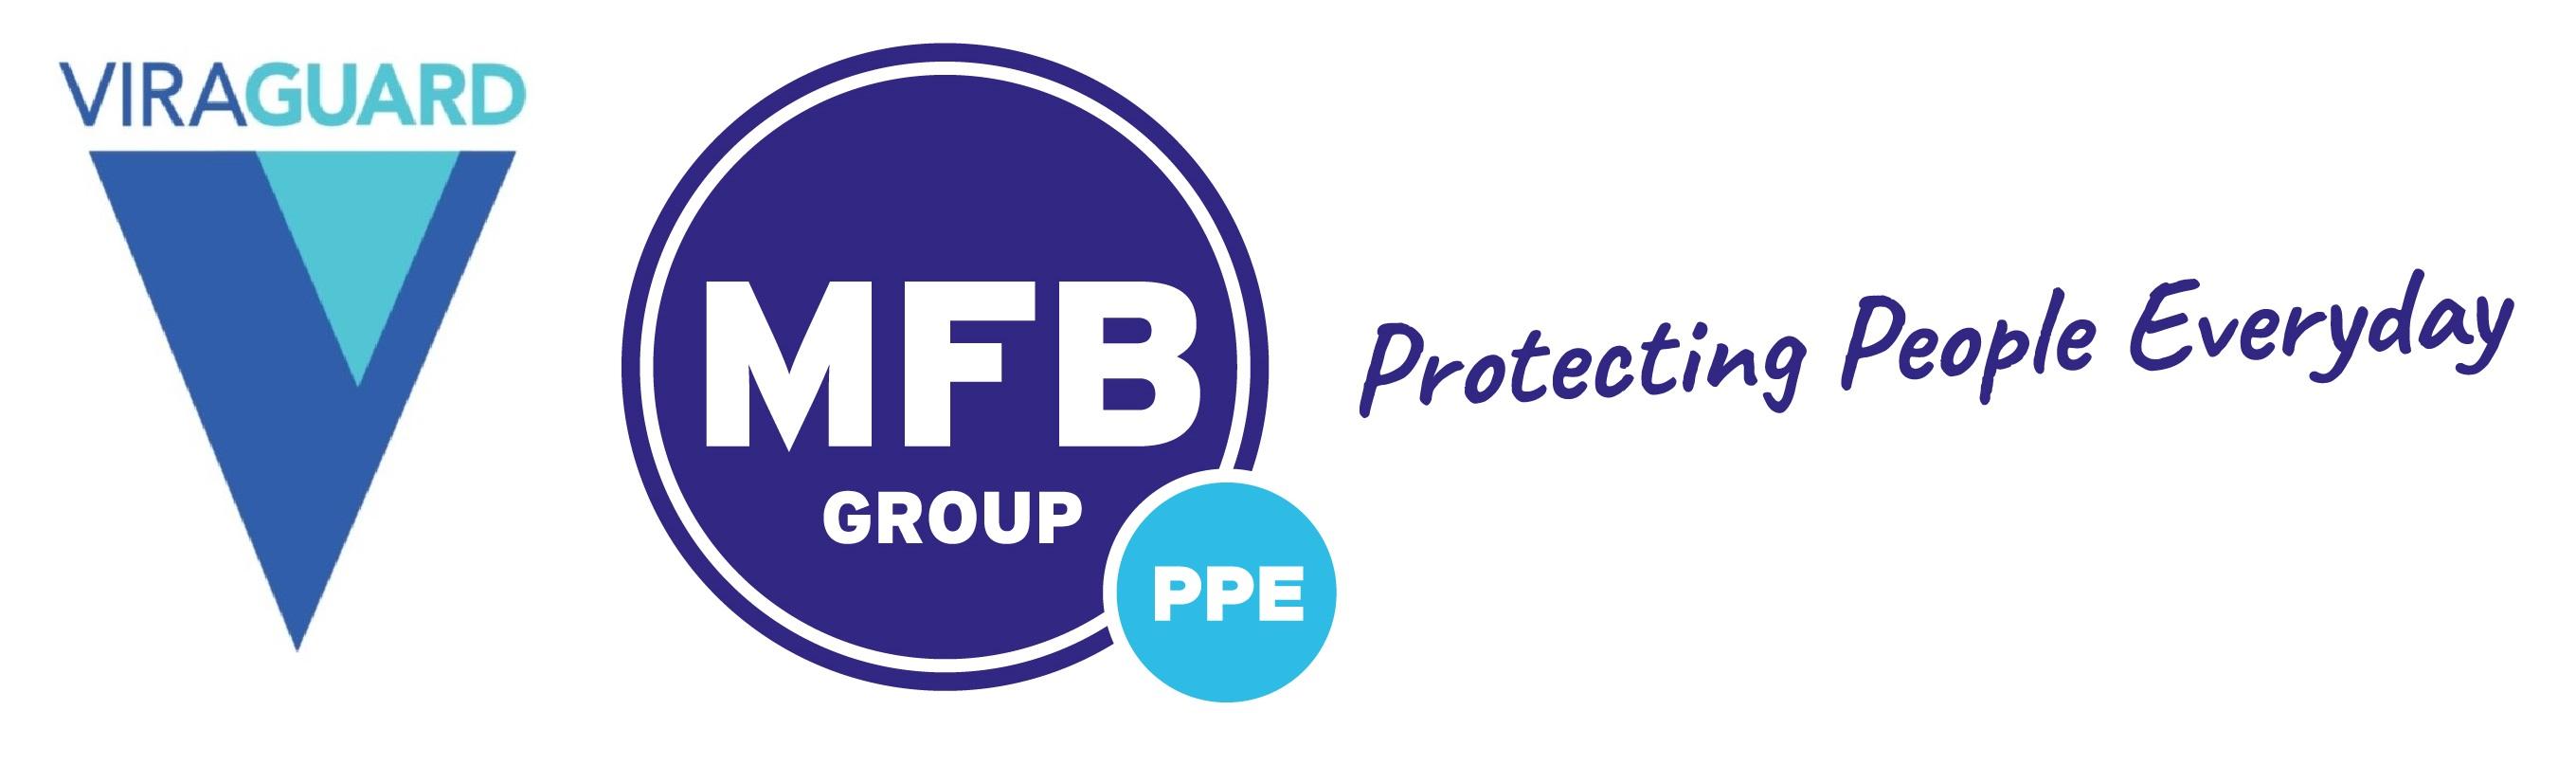 MFB Group PPE logo